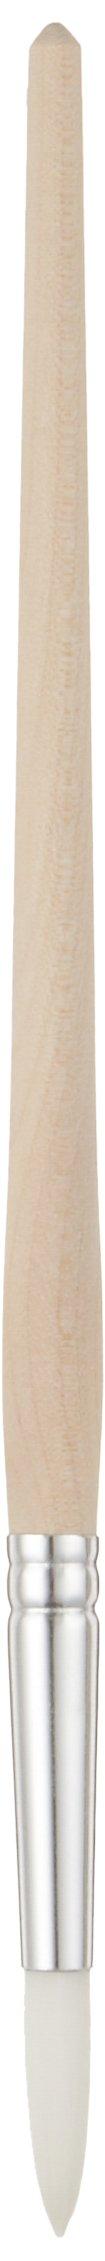 Tanis 00299 Taklon White Artist Brush, 10 Size, 1/4'' Diameter x 15/16'' Trim, 7-1/2'' Overall Length (Pack of 12)